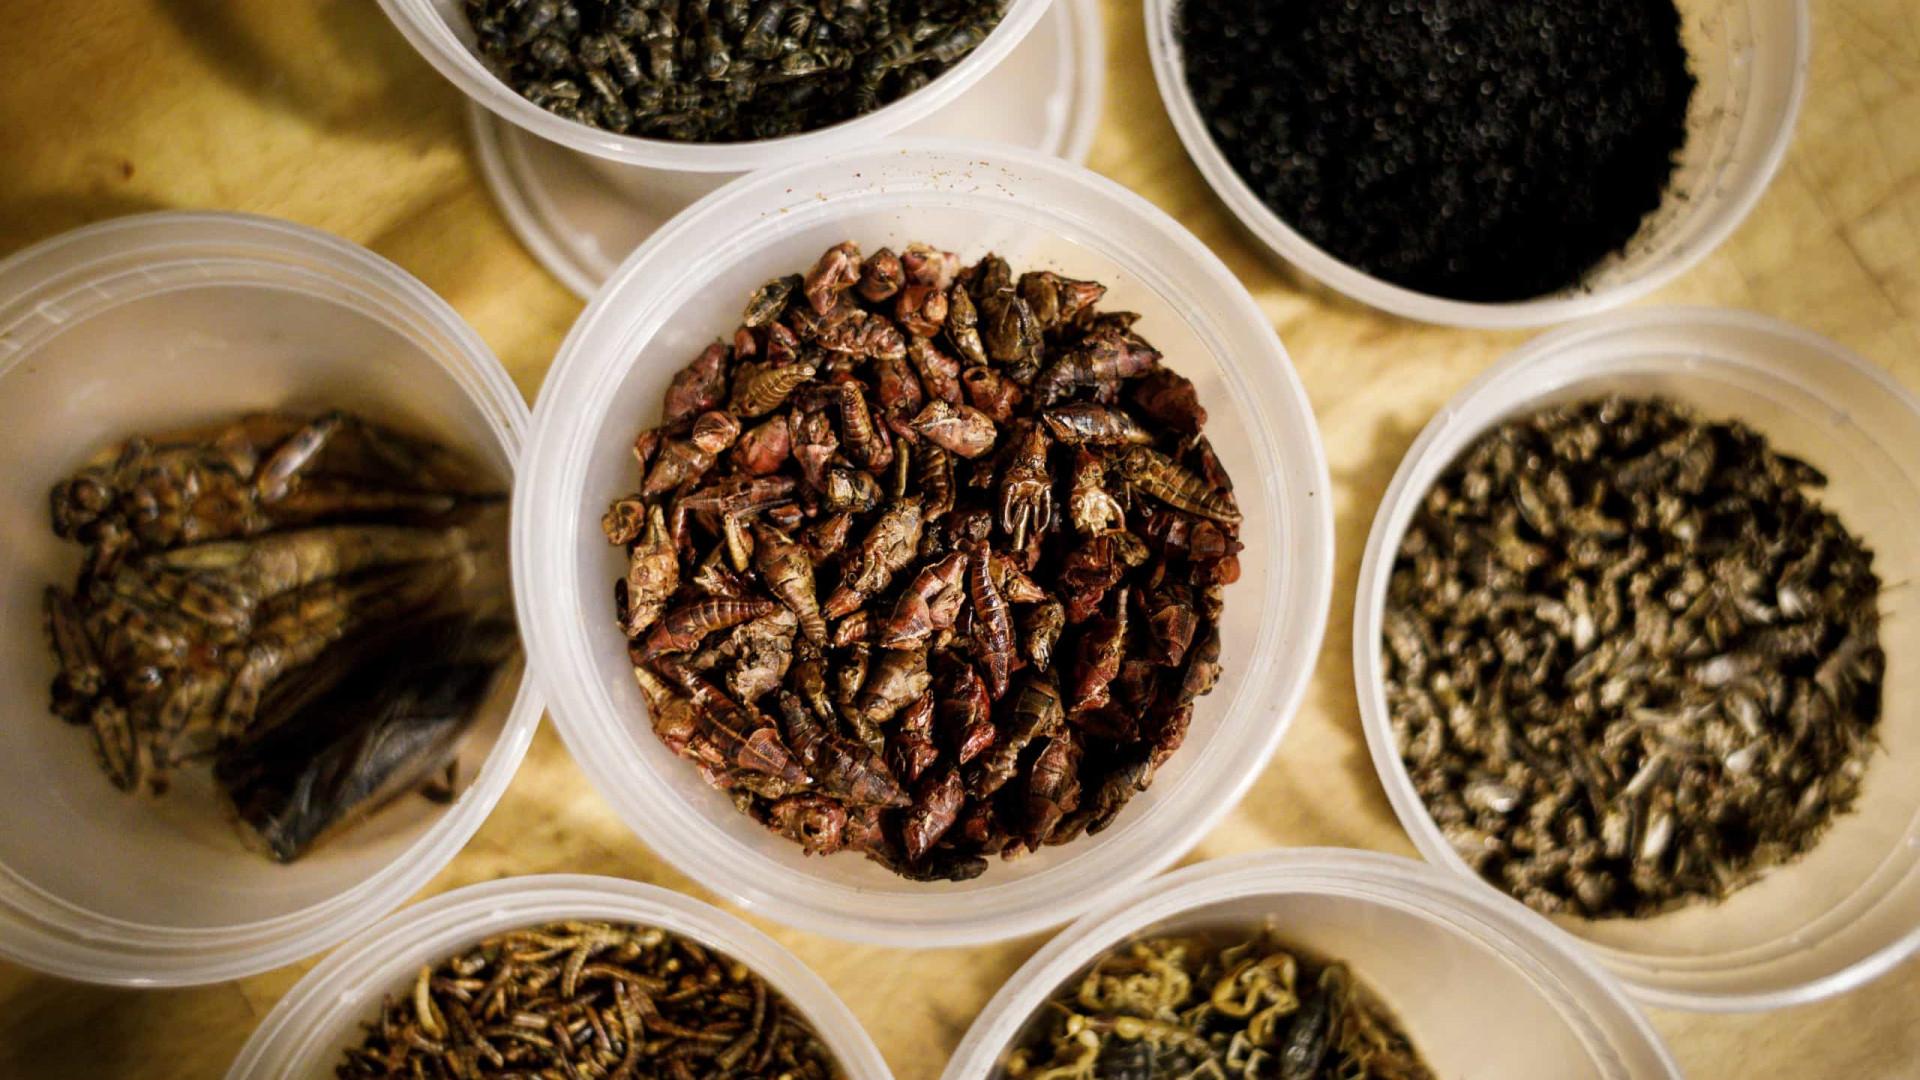 Carne de laboratório ou insetos são alternativas à proteína animal